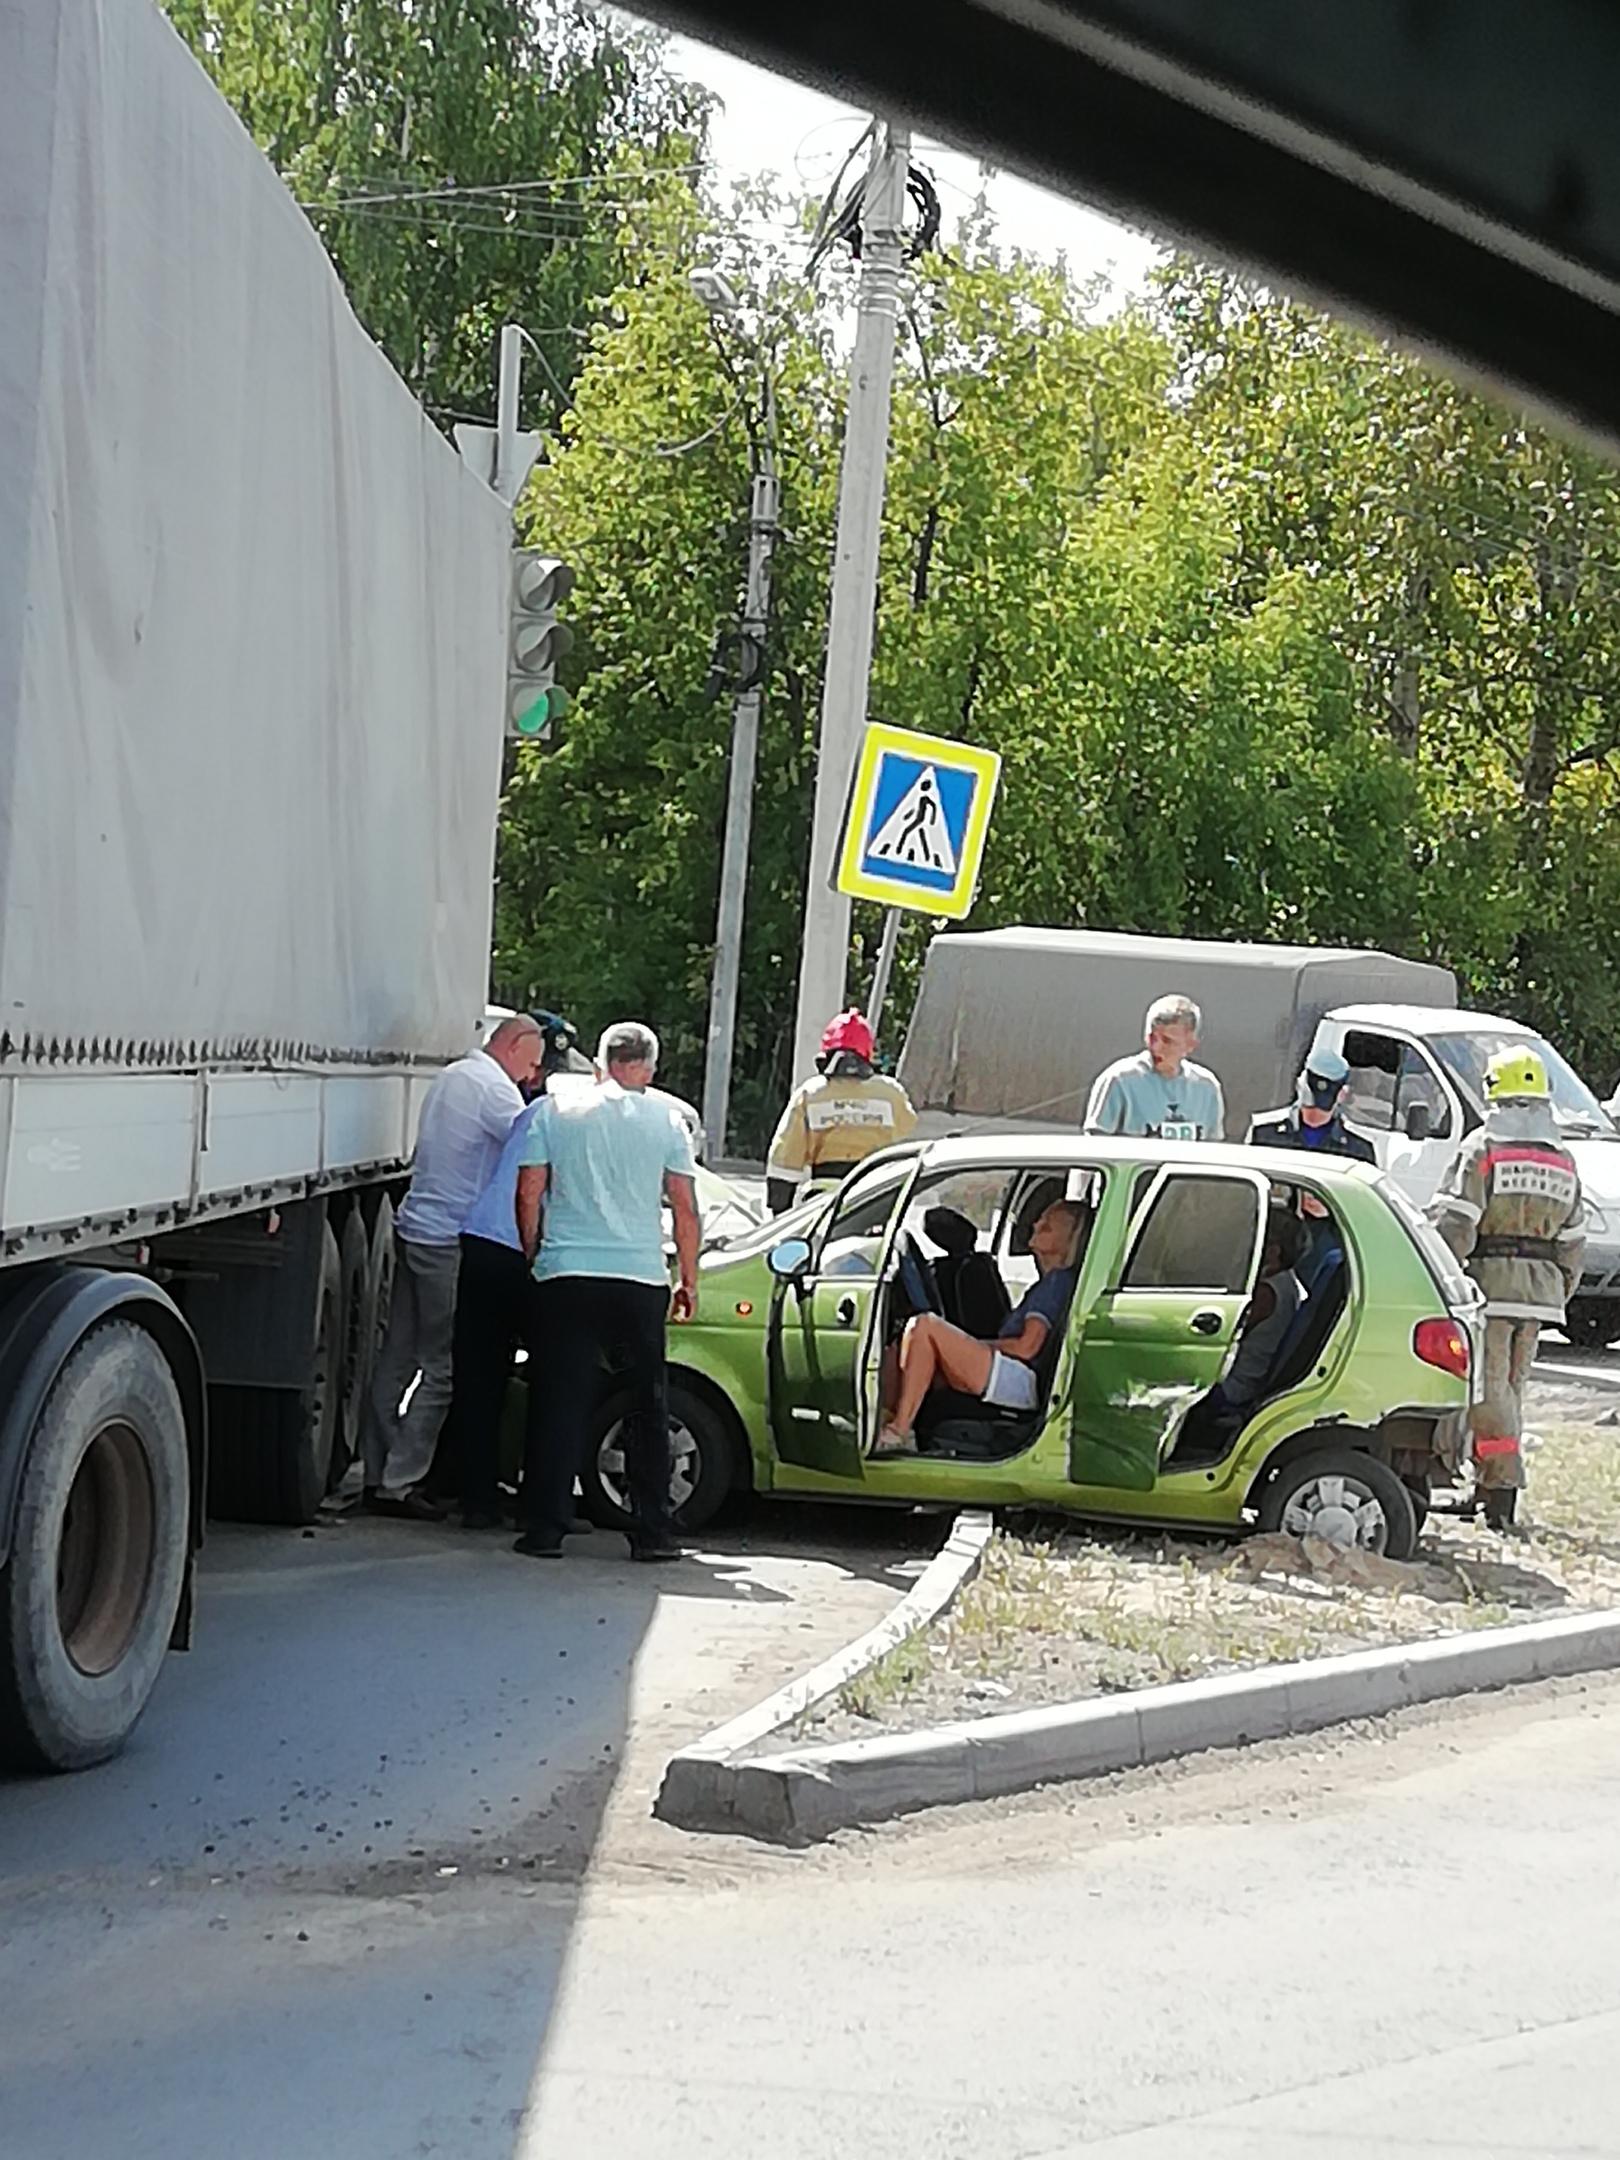 В Омске малолитражка влетела под фуру, пострадали две женщины #Новости #Общество #Омск